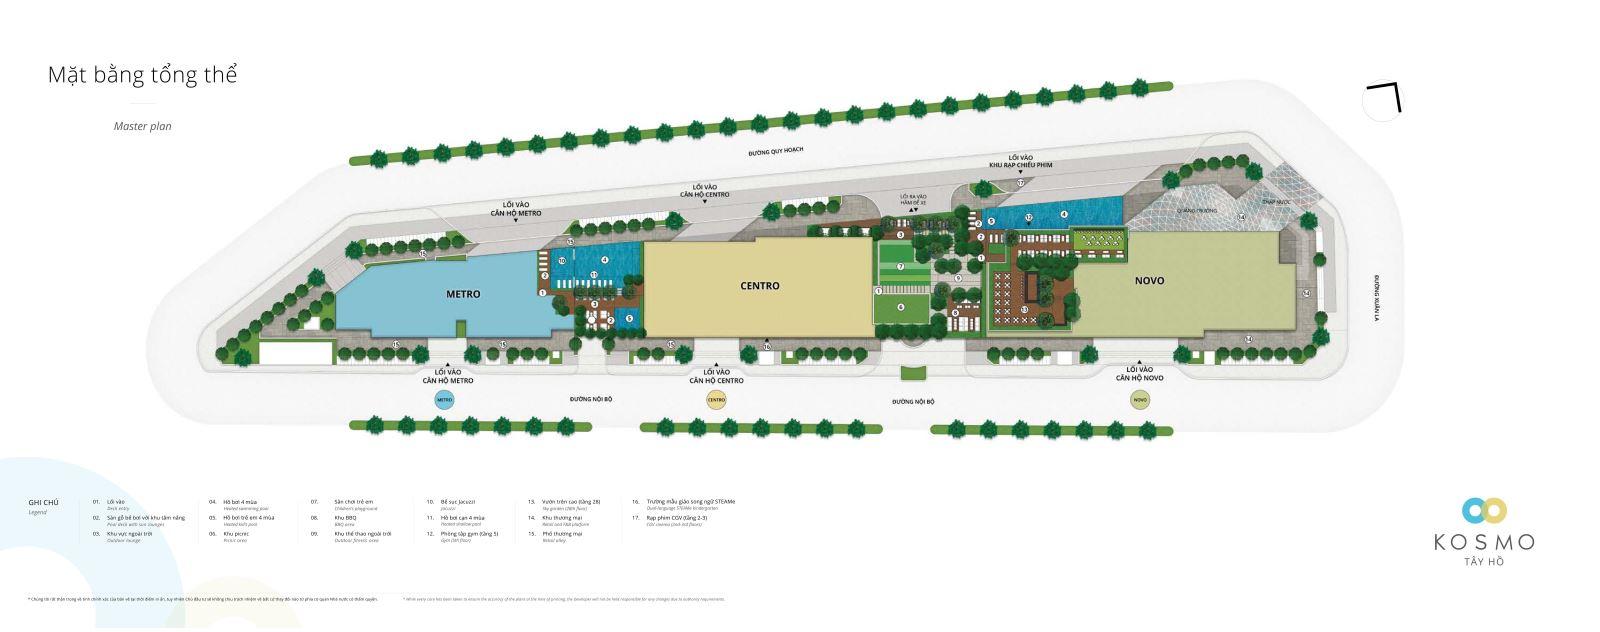 mặt bằng tổng thể dự án kosmo tây hồ